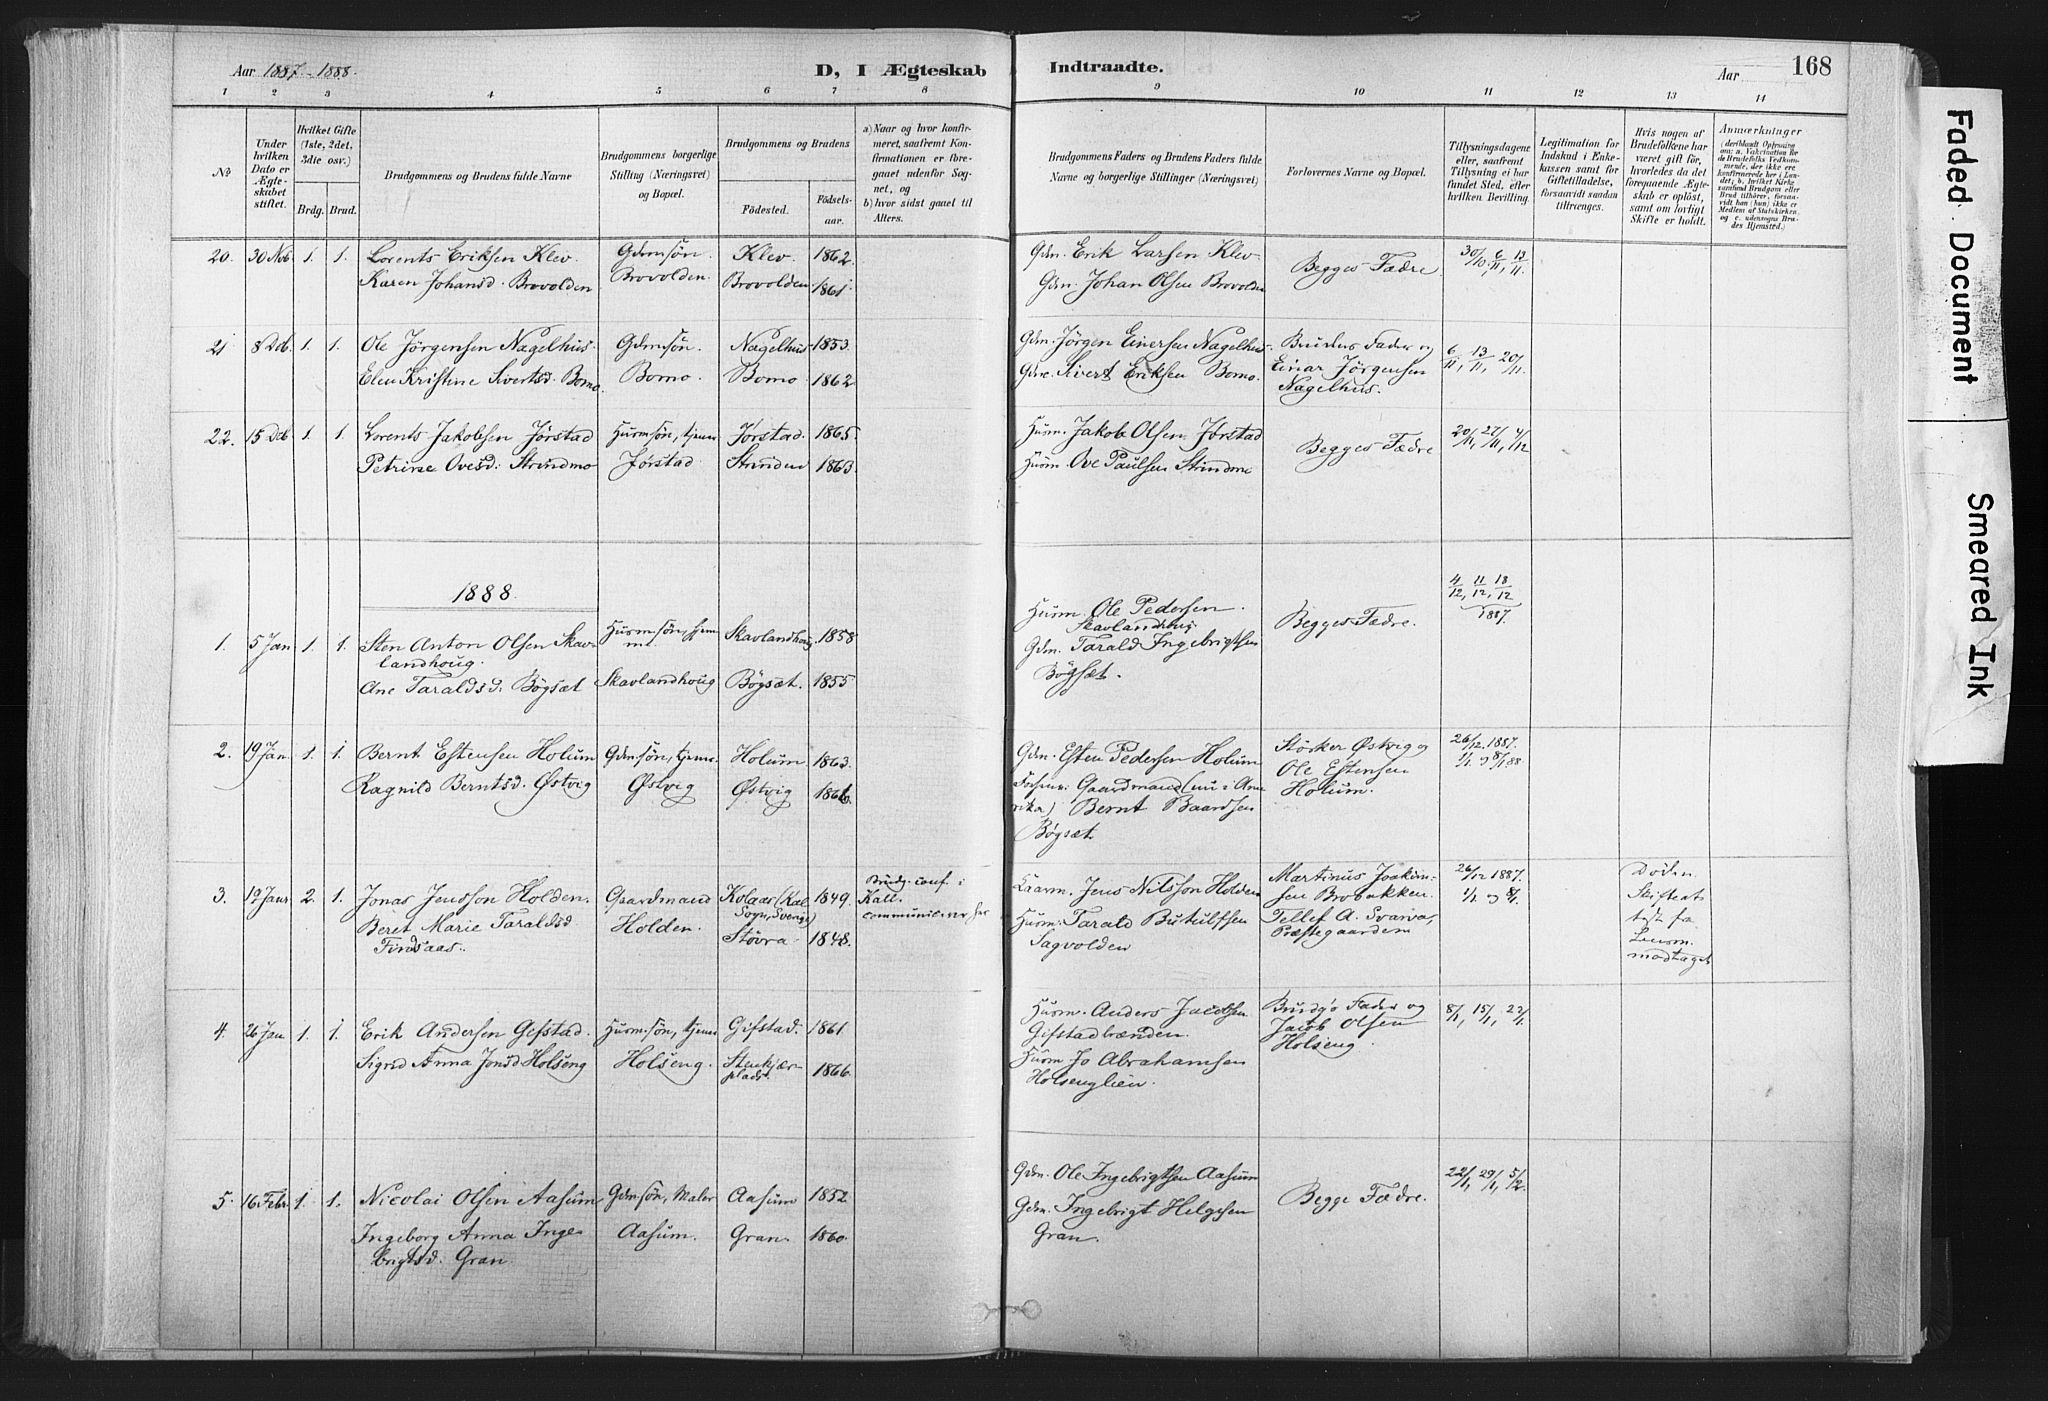 SAT, Ministerialprotokoller, klokkerbøker og fødselsregistre - Nord-Trøndelag, 749/L0474: Ministerialbok nr. 749A08, 1887-1903, s. 168